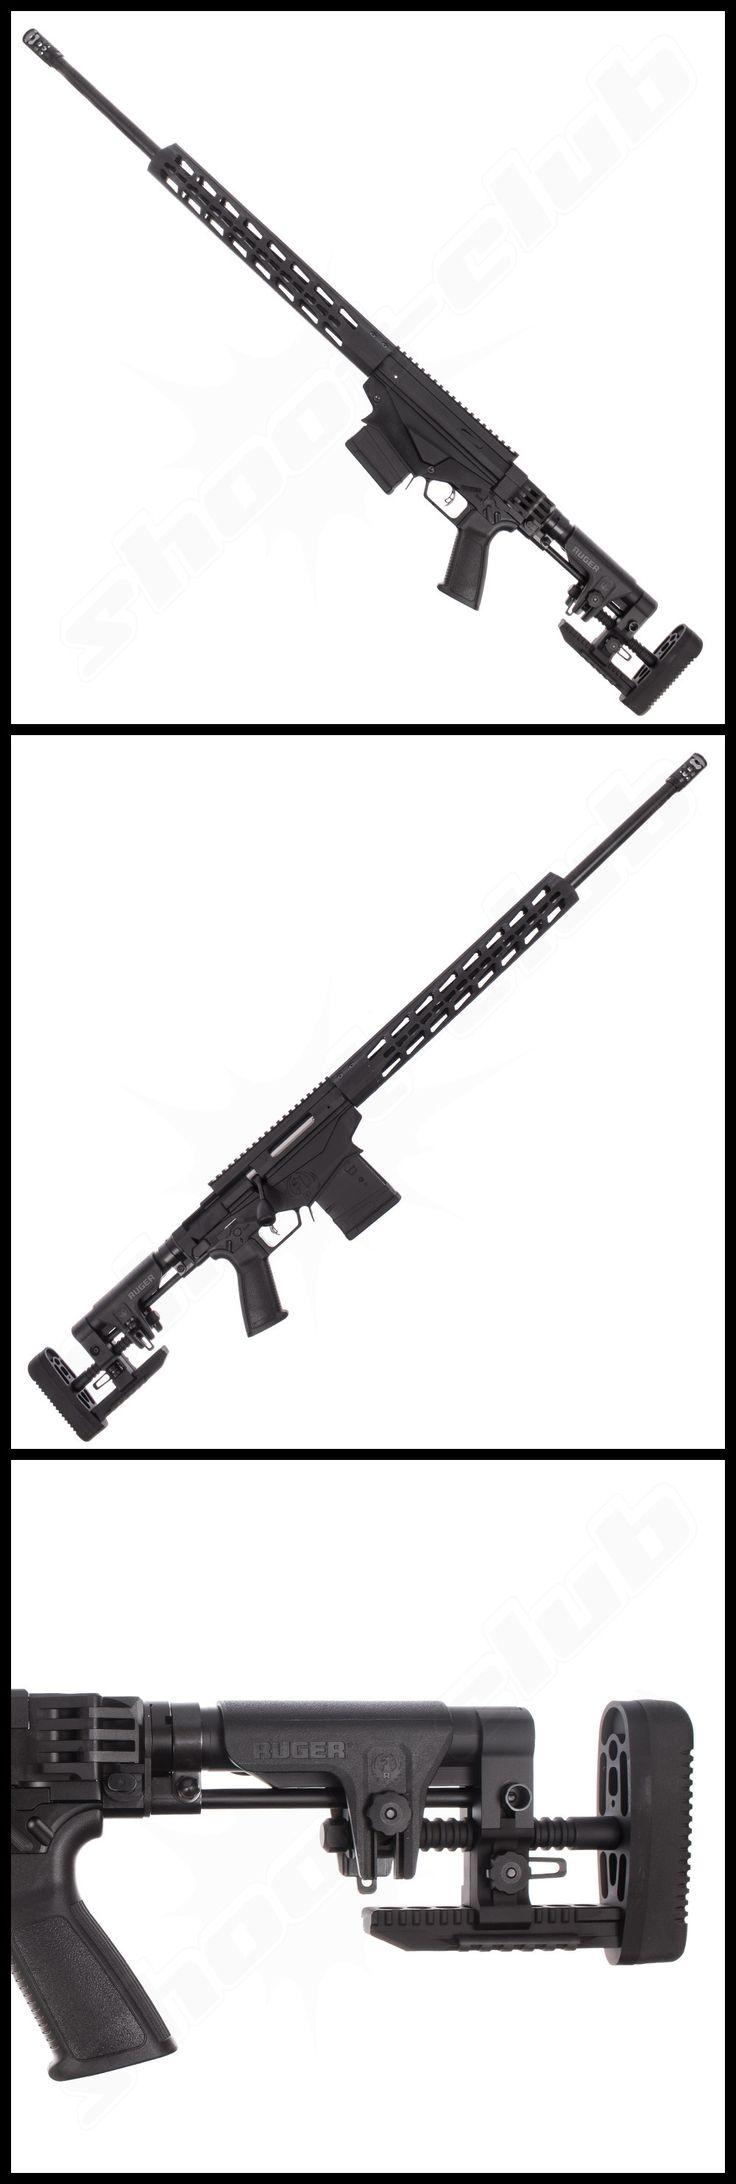 Ruger Precision Rifle Gen. 2, Repetierbüchse 6,5mm Creedmore - weitere Informationen und Produkte findet Ihr auf www.shoot-club.de - #shootclub #guns